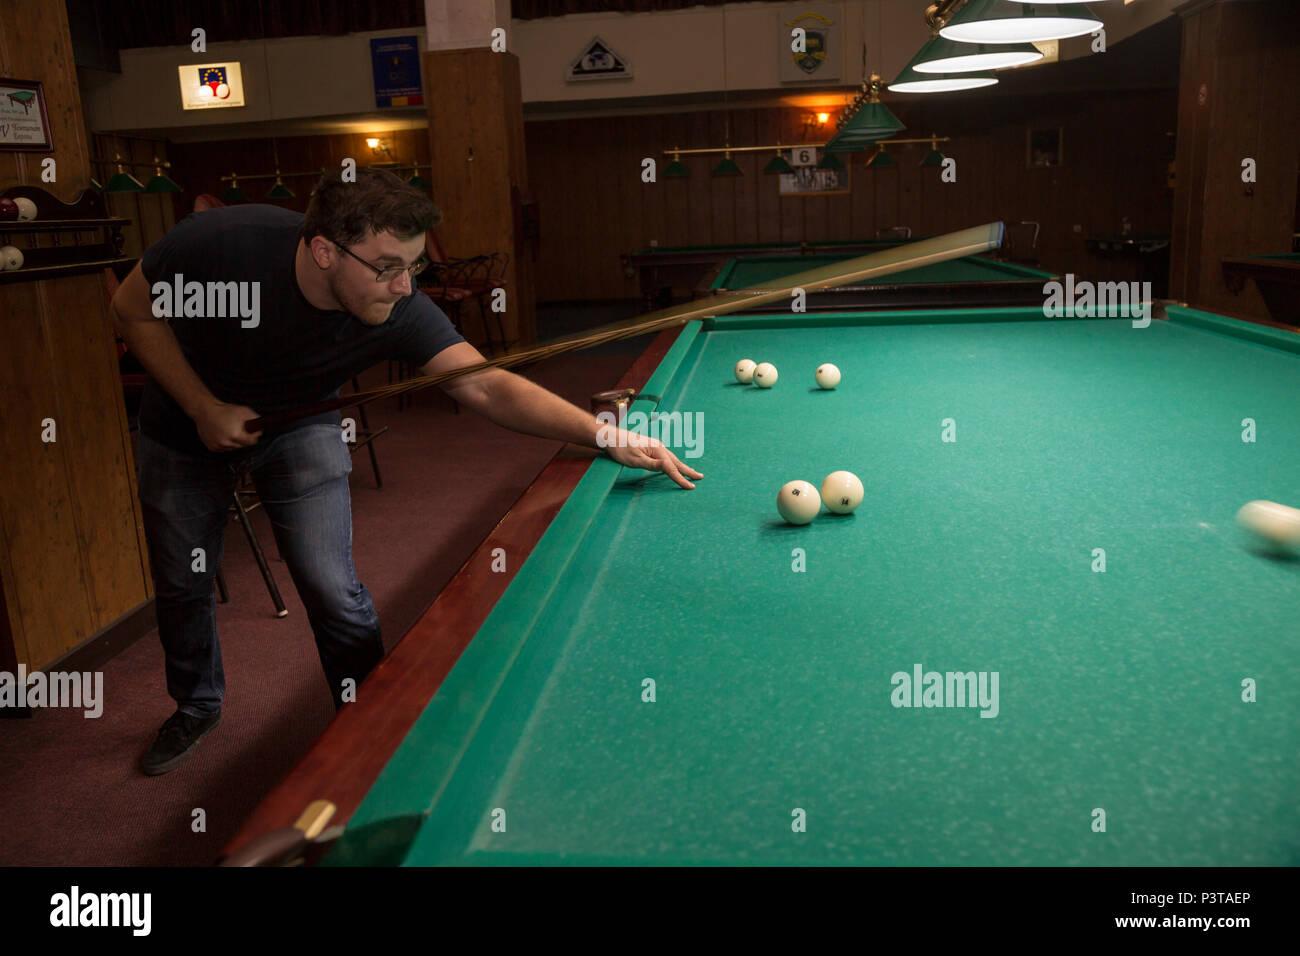 Moldova, Chisinau - Pool Billiards - Stock Image